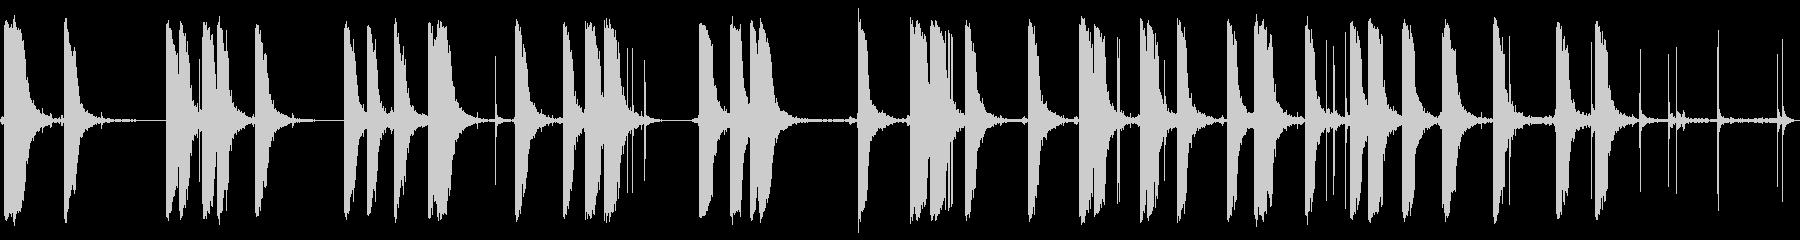 MO 120 RT 61、120 ...の未再生の波形